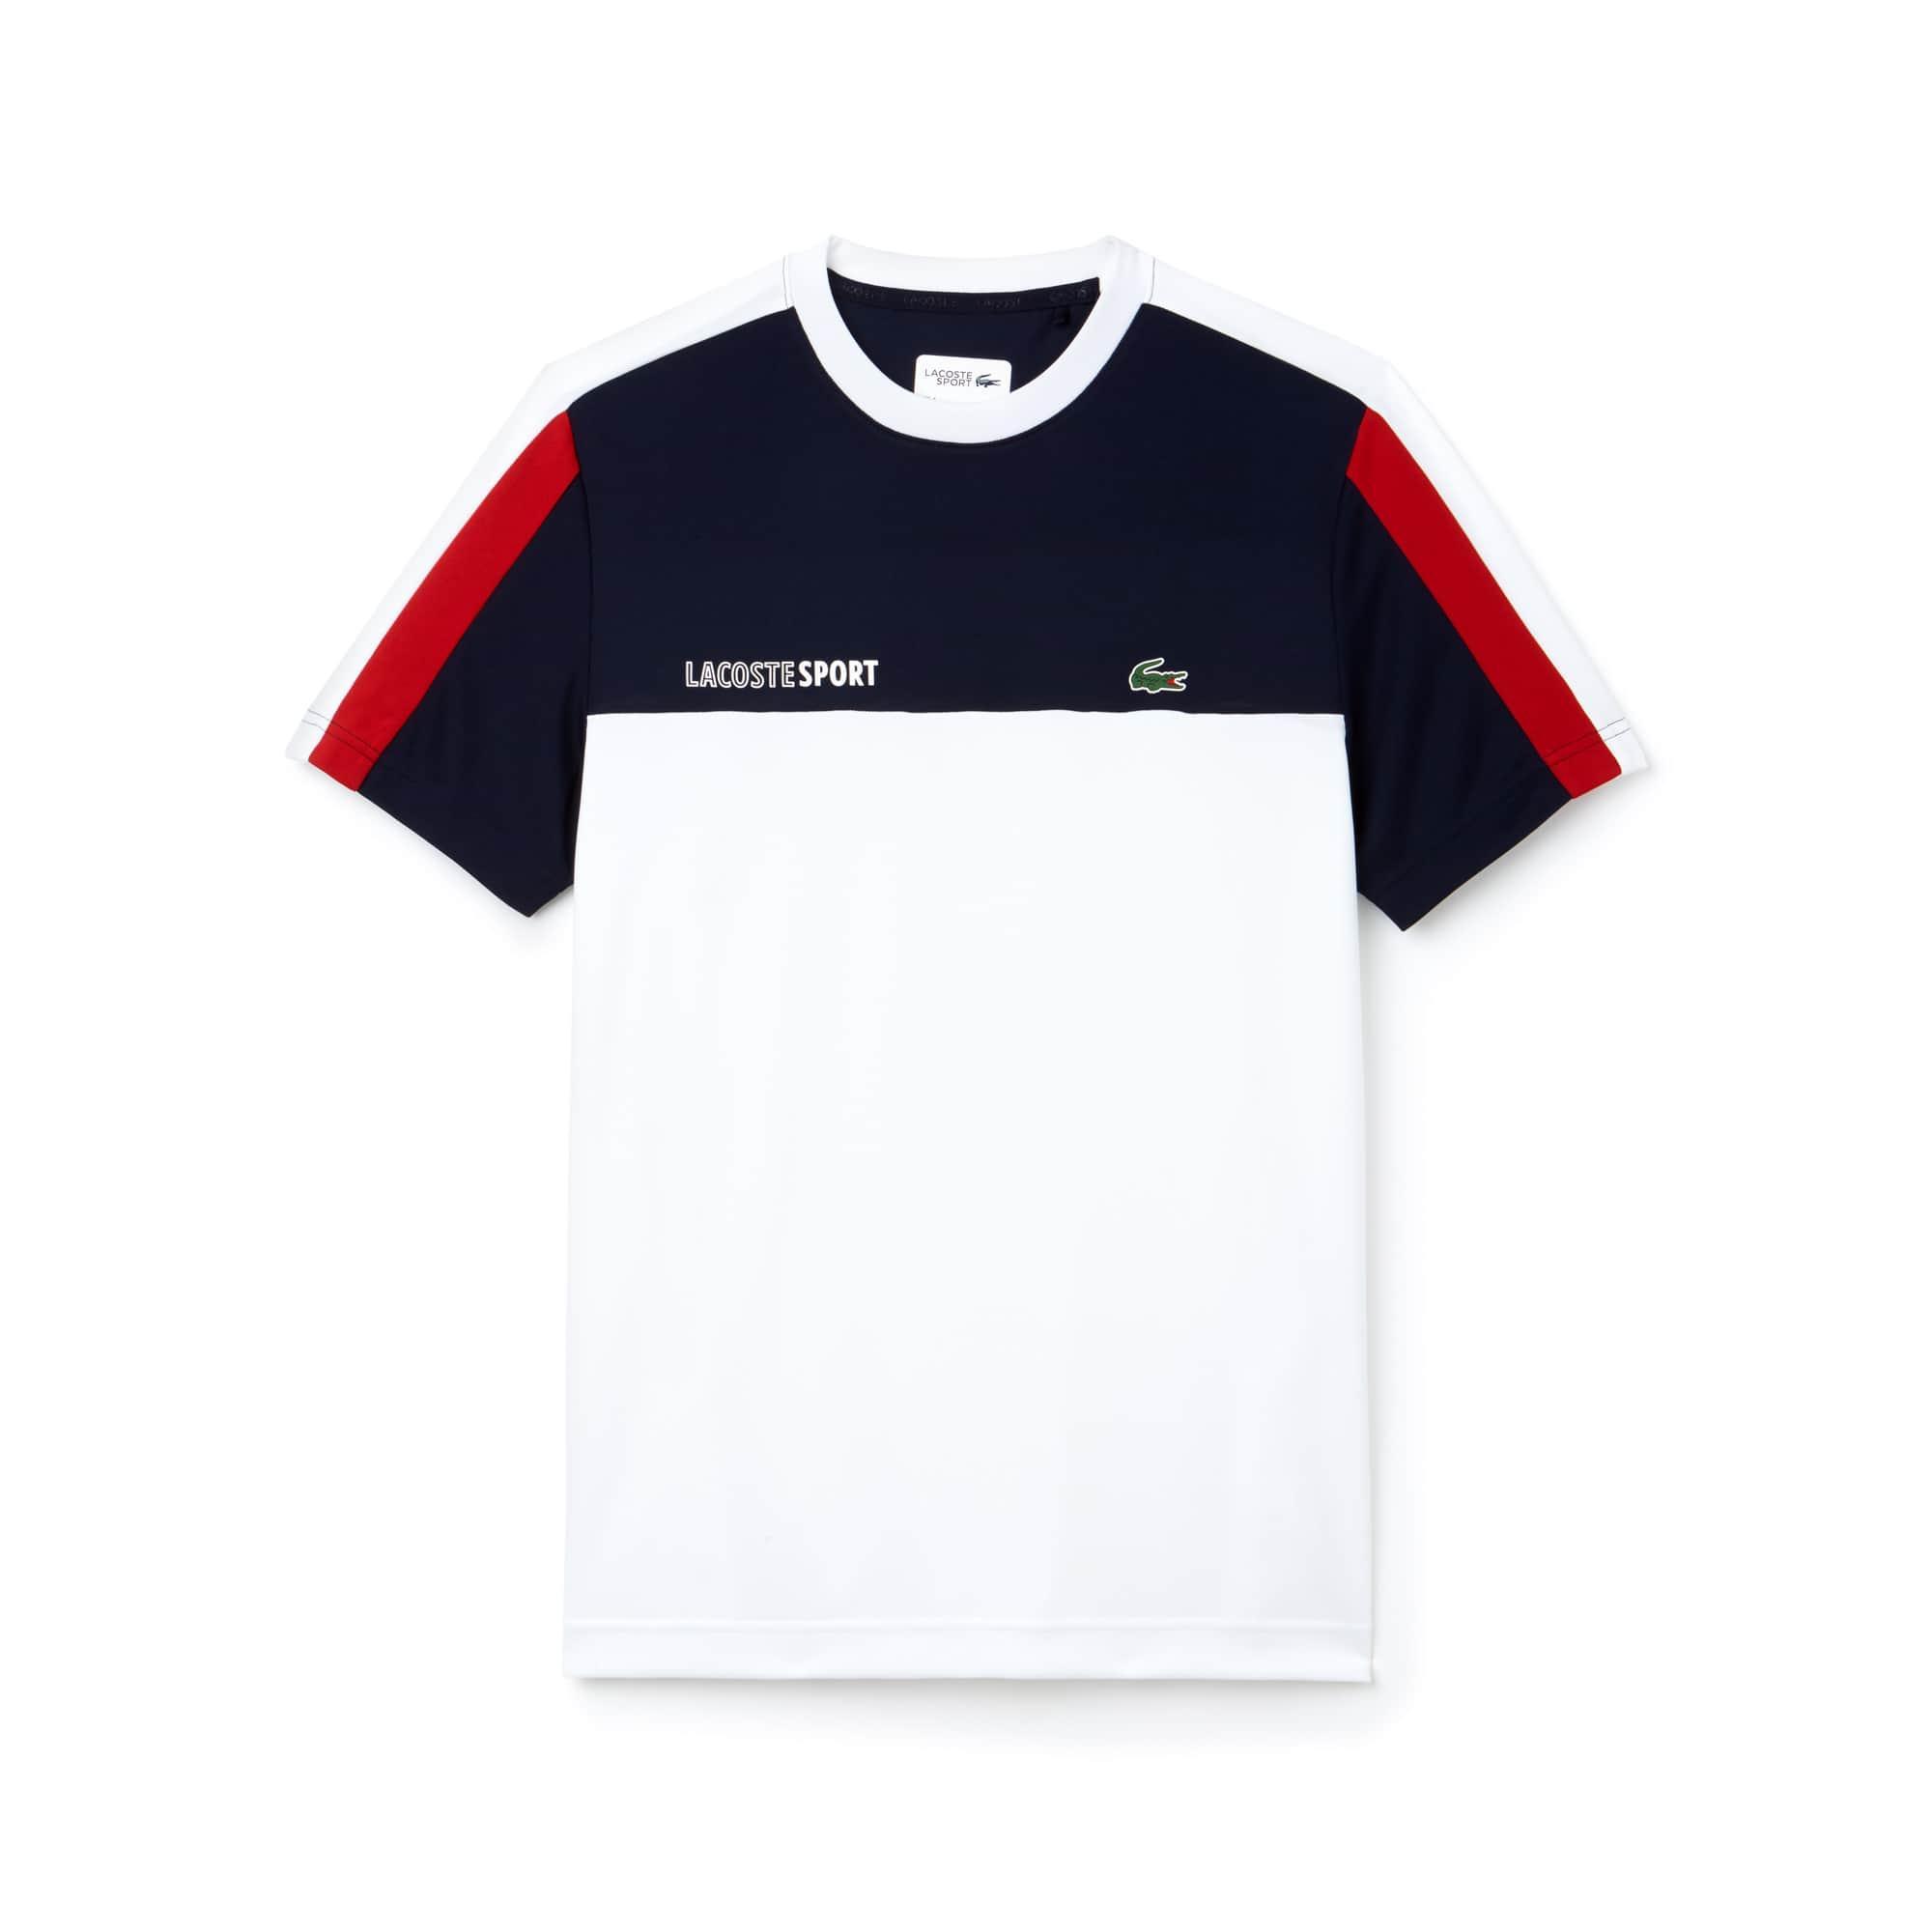 Herren LACOSTE SPORT Rundhals Tennis T-Shirt mit Colorblocks